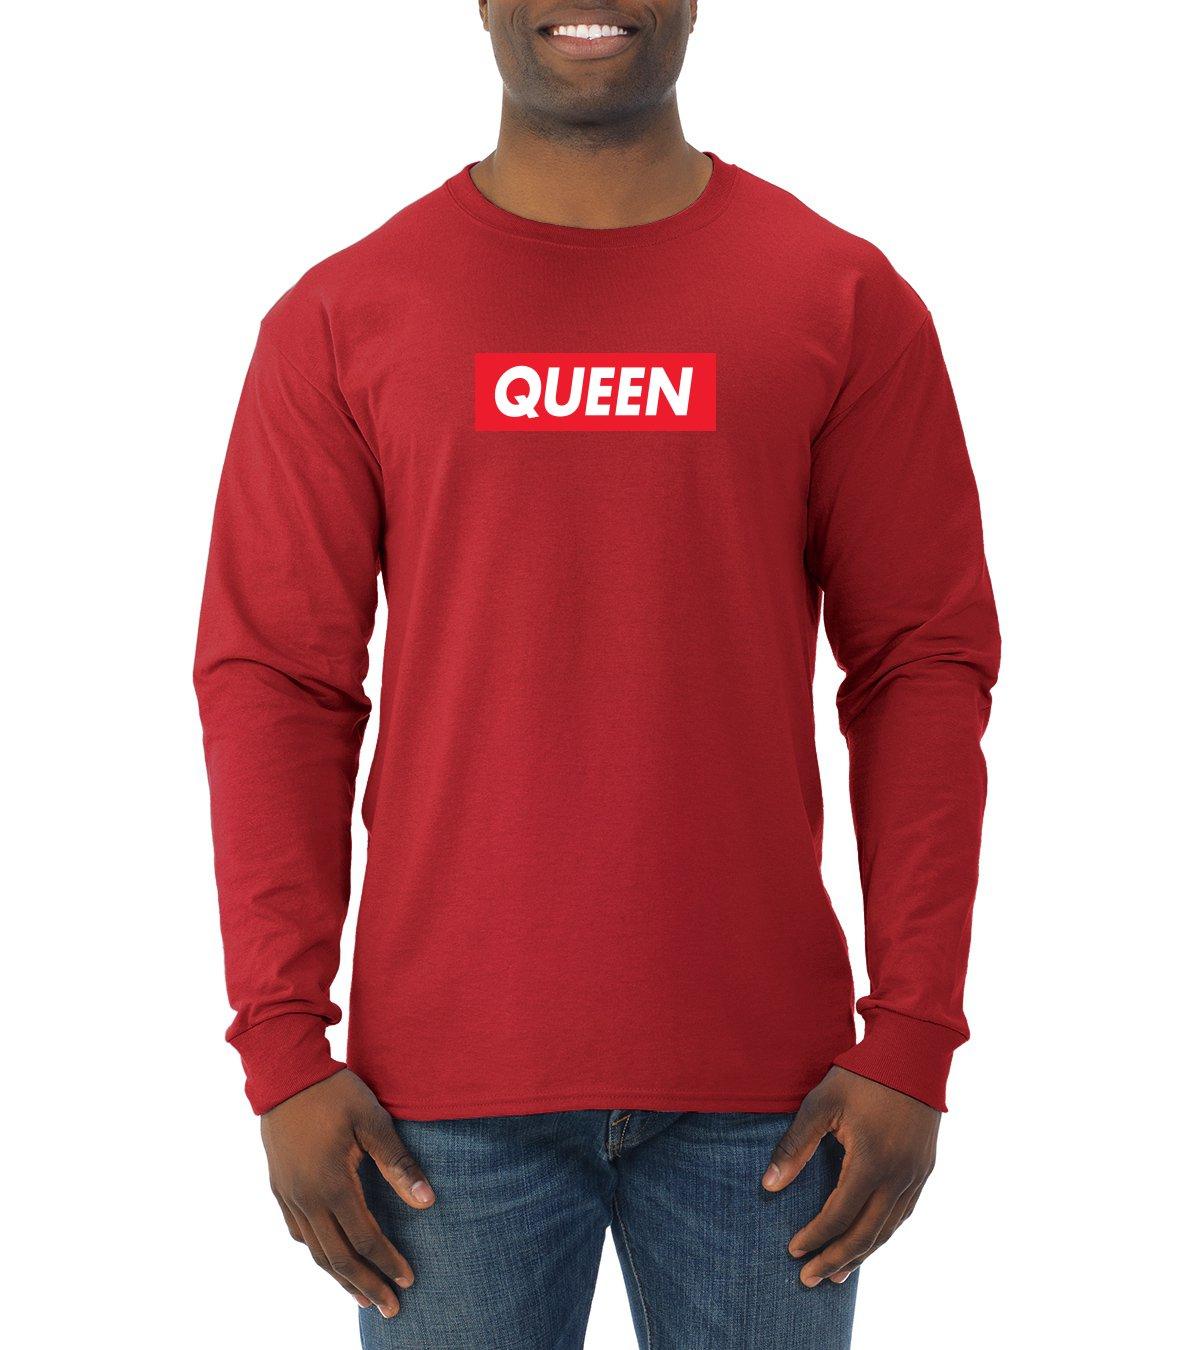 Queen S Streetwear Tee Graphic T Shirt 9649